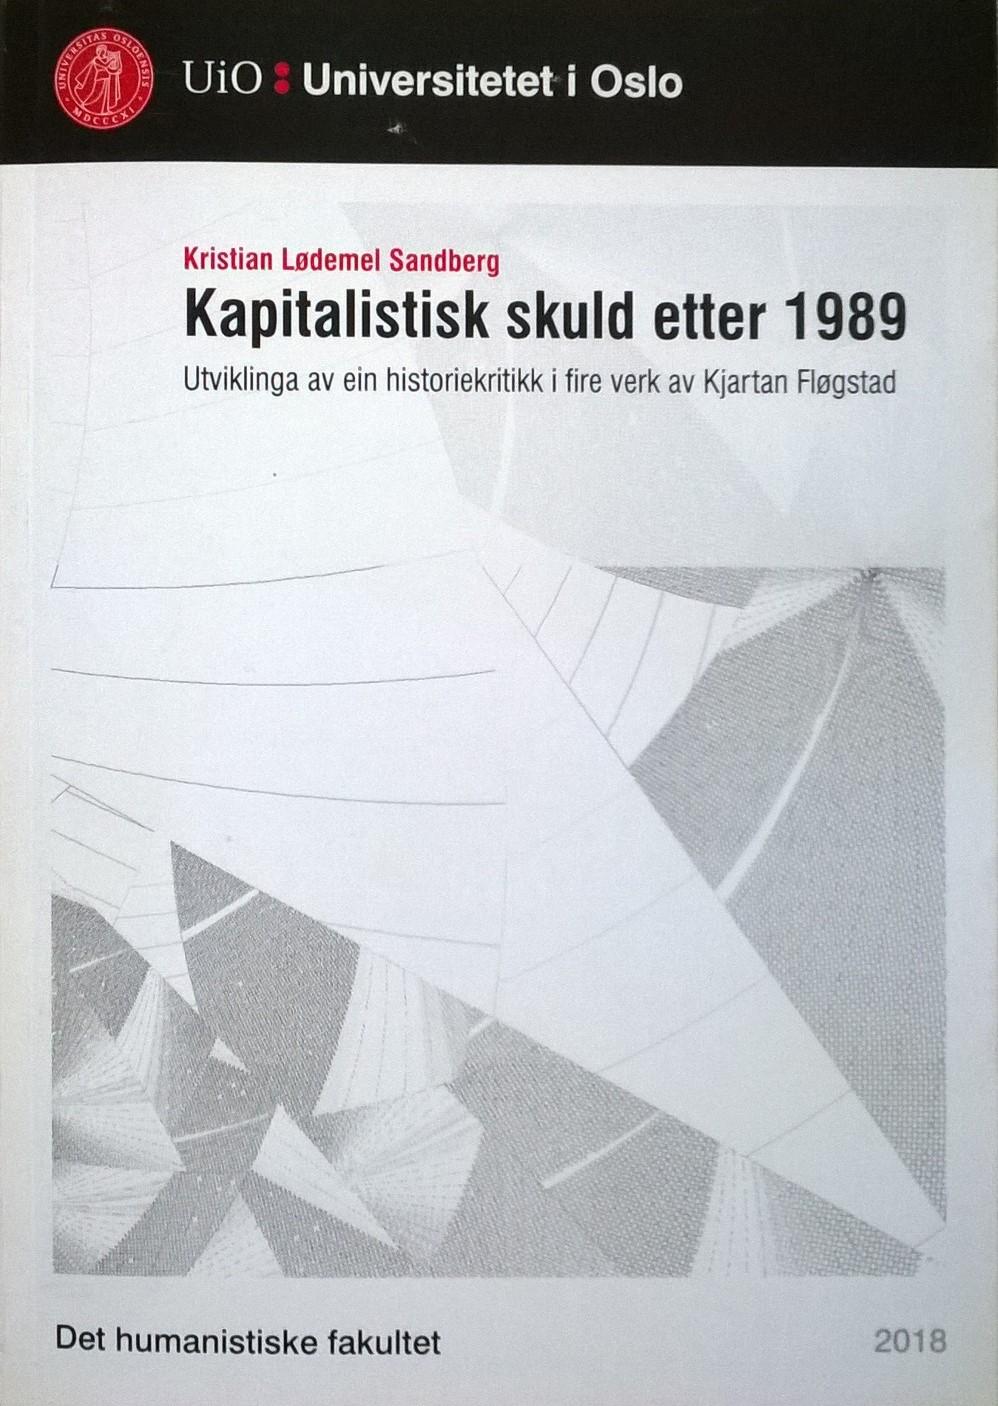 Sandberg, Kristian Lødemel Kapitalistisk skuld etter 1989: Utviklinga av ein historiekritikk i fire verk av Kjartan Fløgstad